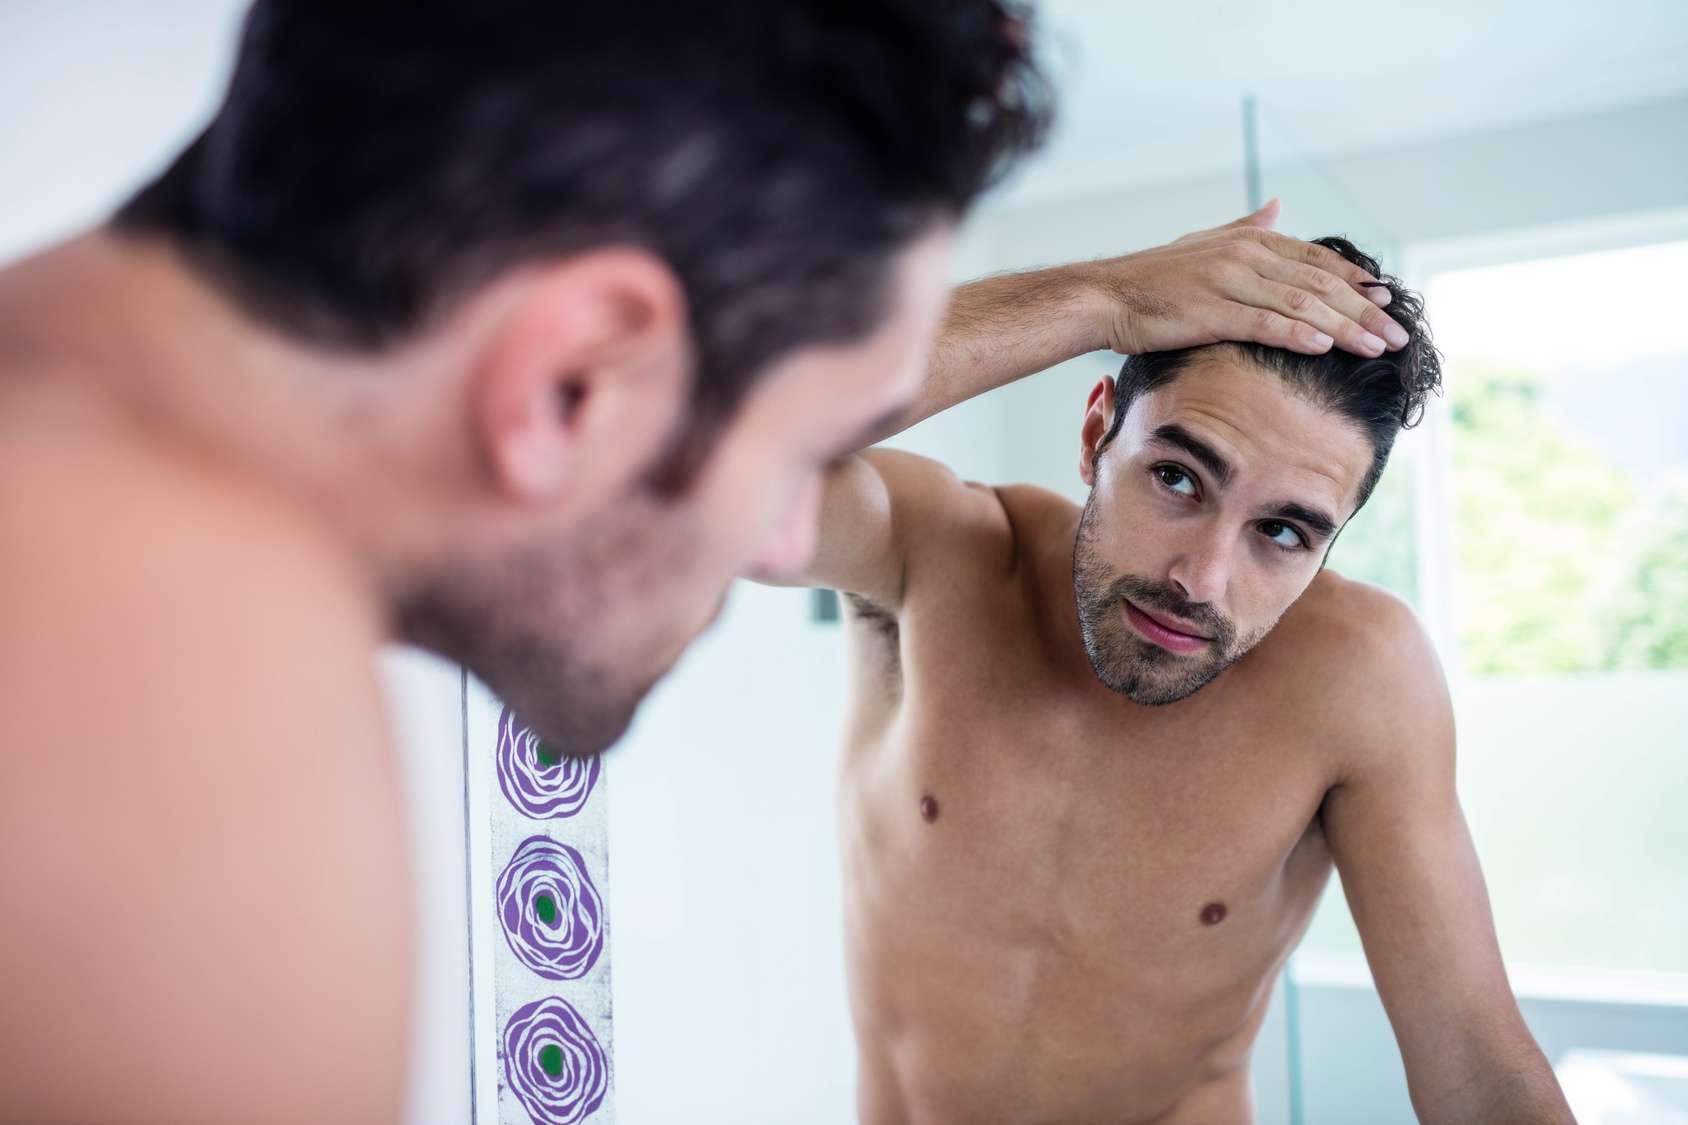 Łysienie dotyka mężczyzn po 40 roku życia